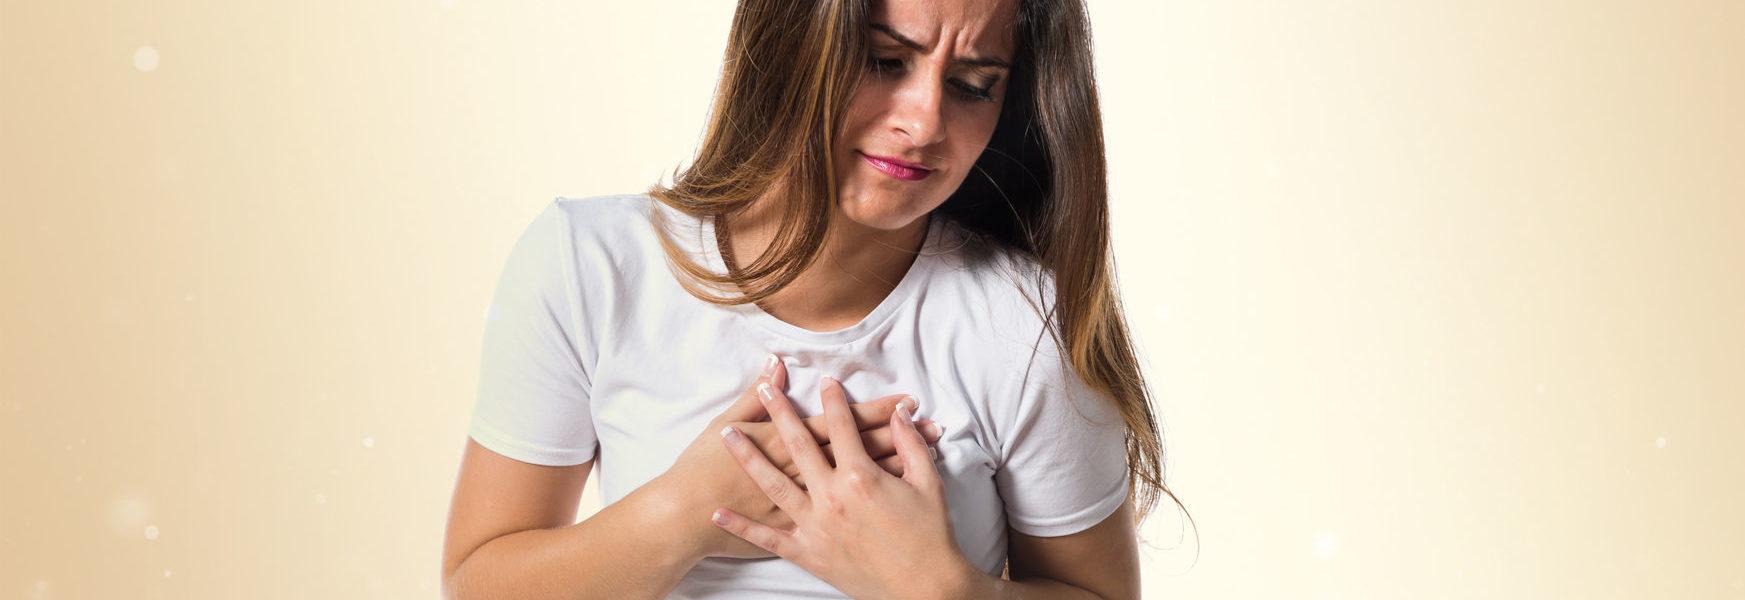 Ощущение сердцебиения.Симптомы и лечение.